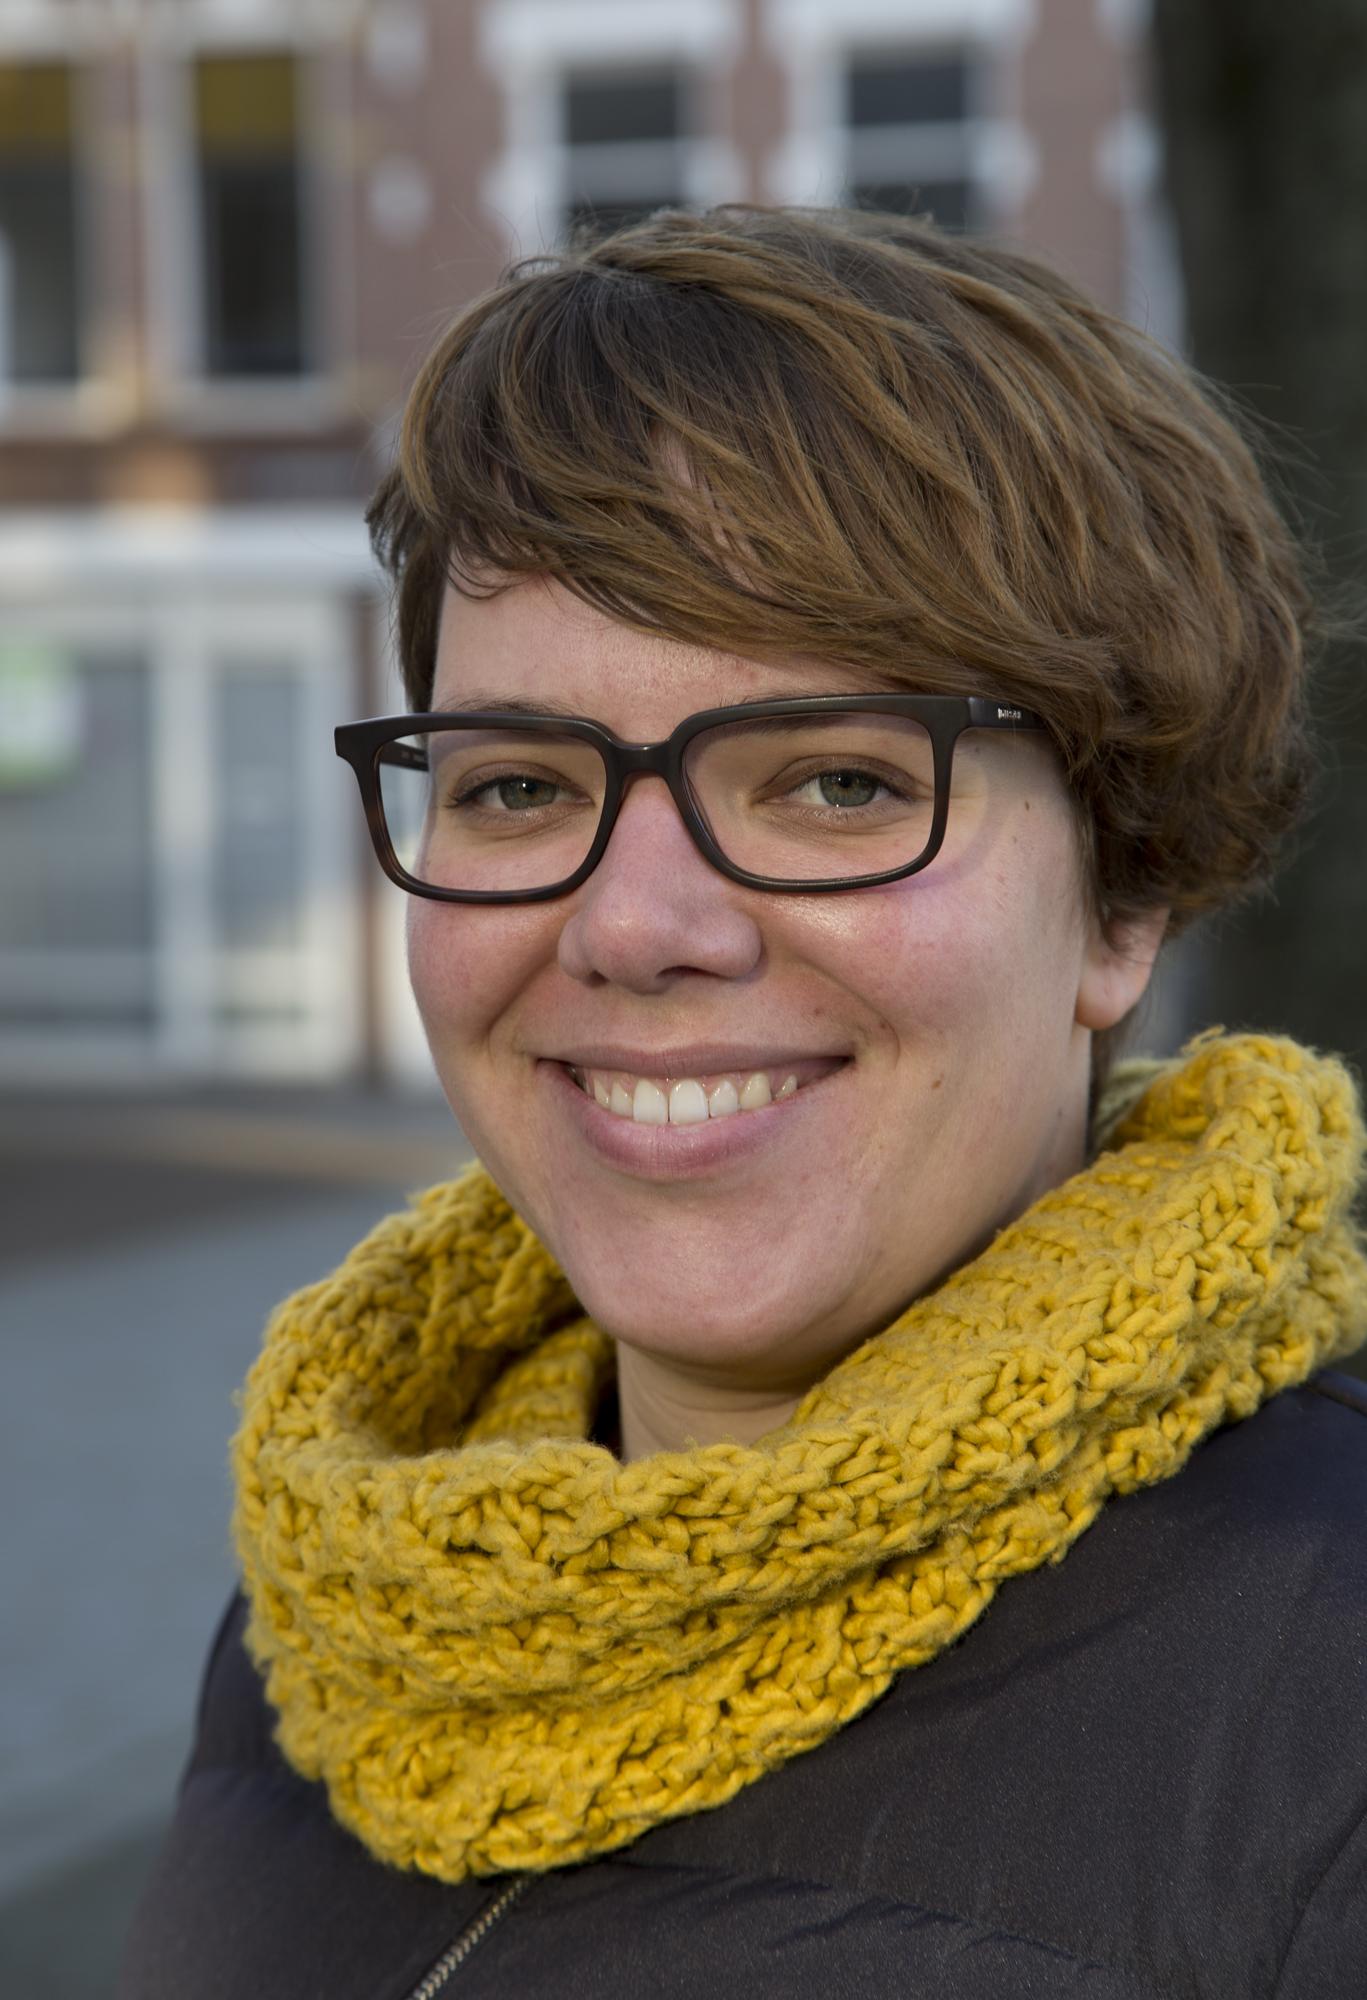 Annet Schut